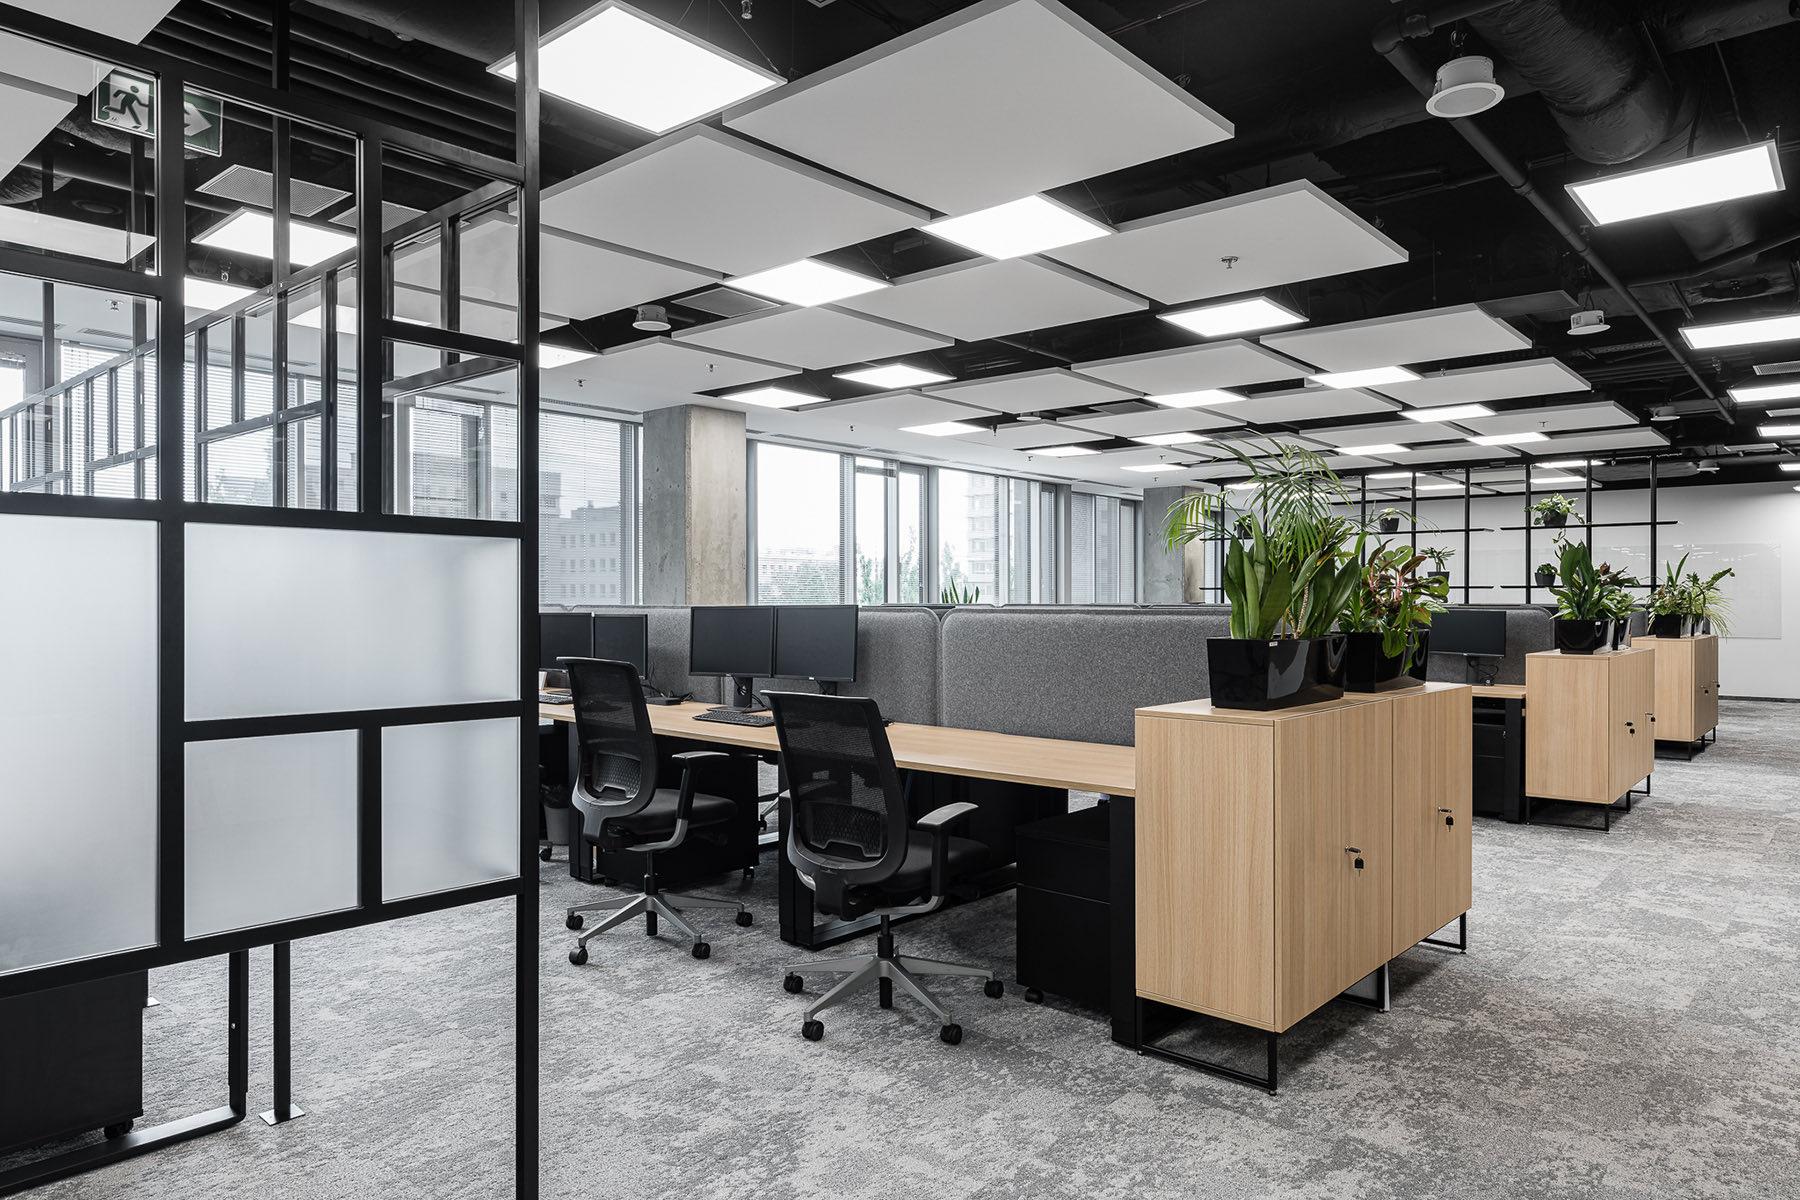 chep-polska-office-12